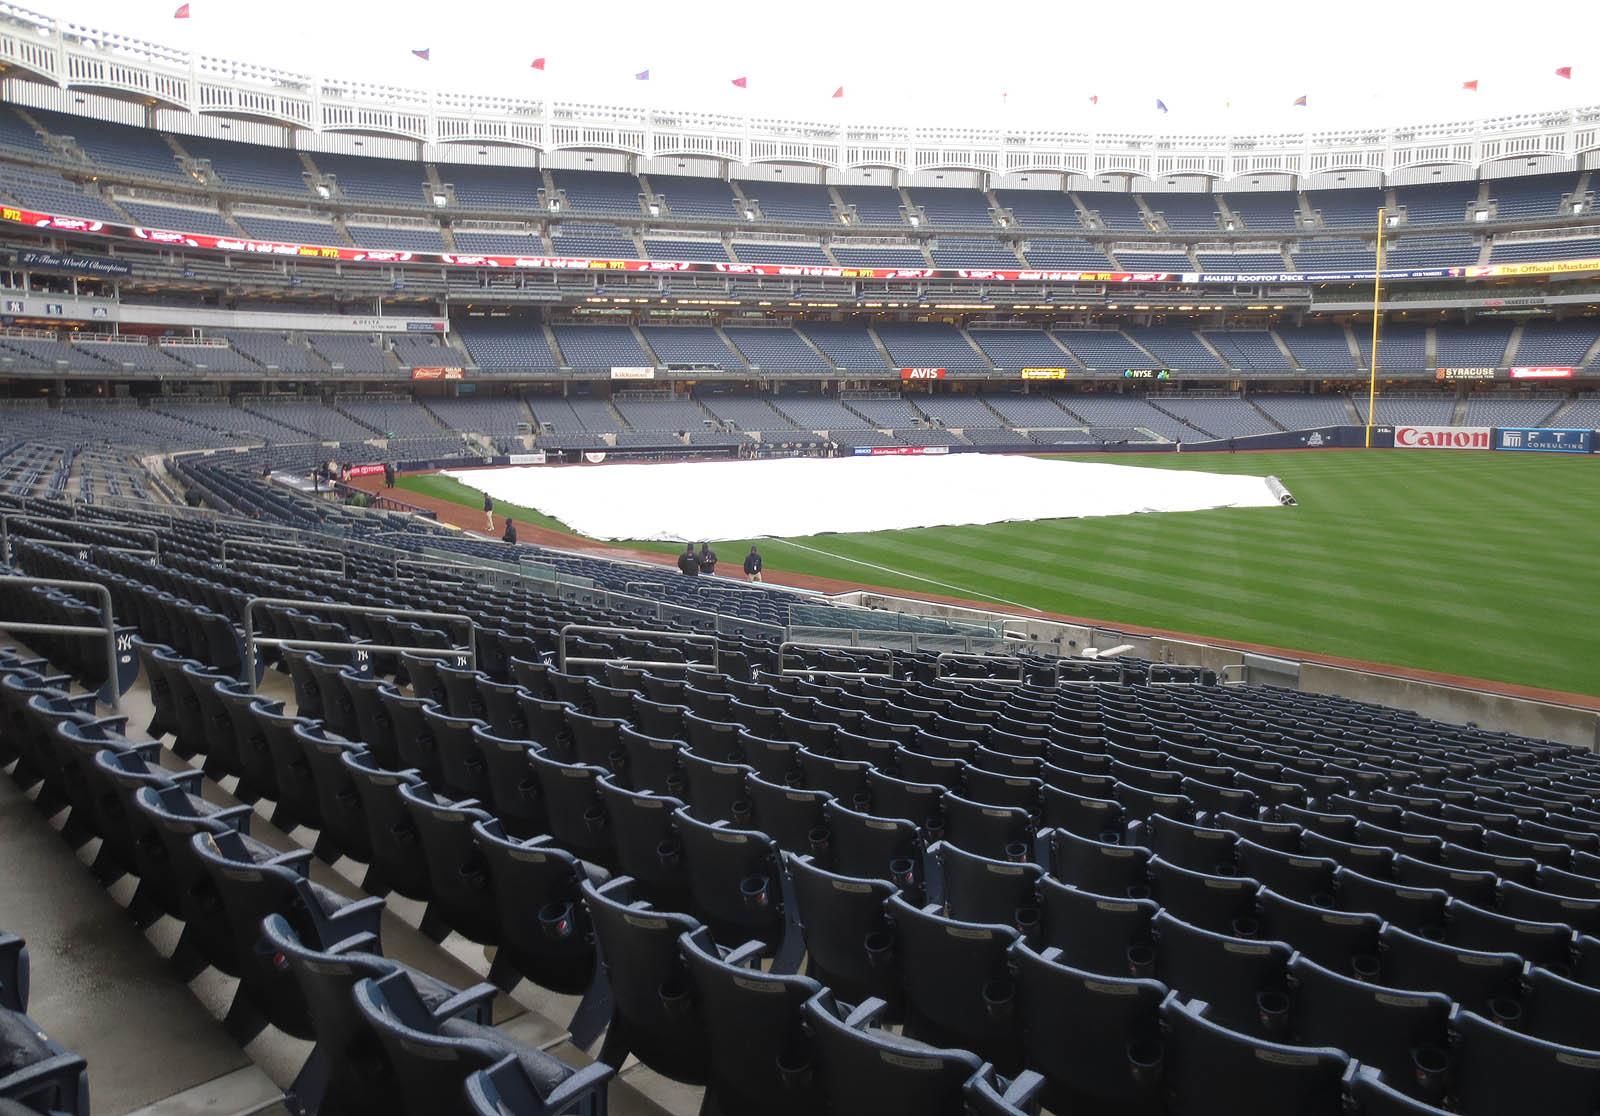 Empty Yankee Stadium At Night The Yankees were nowhere in